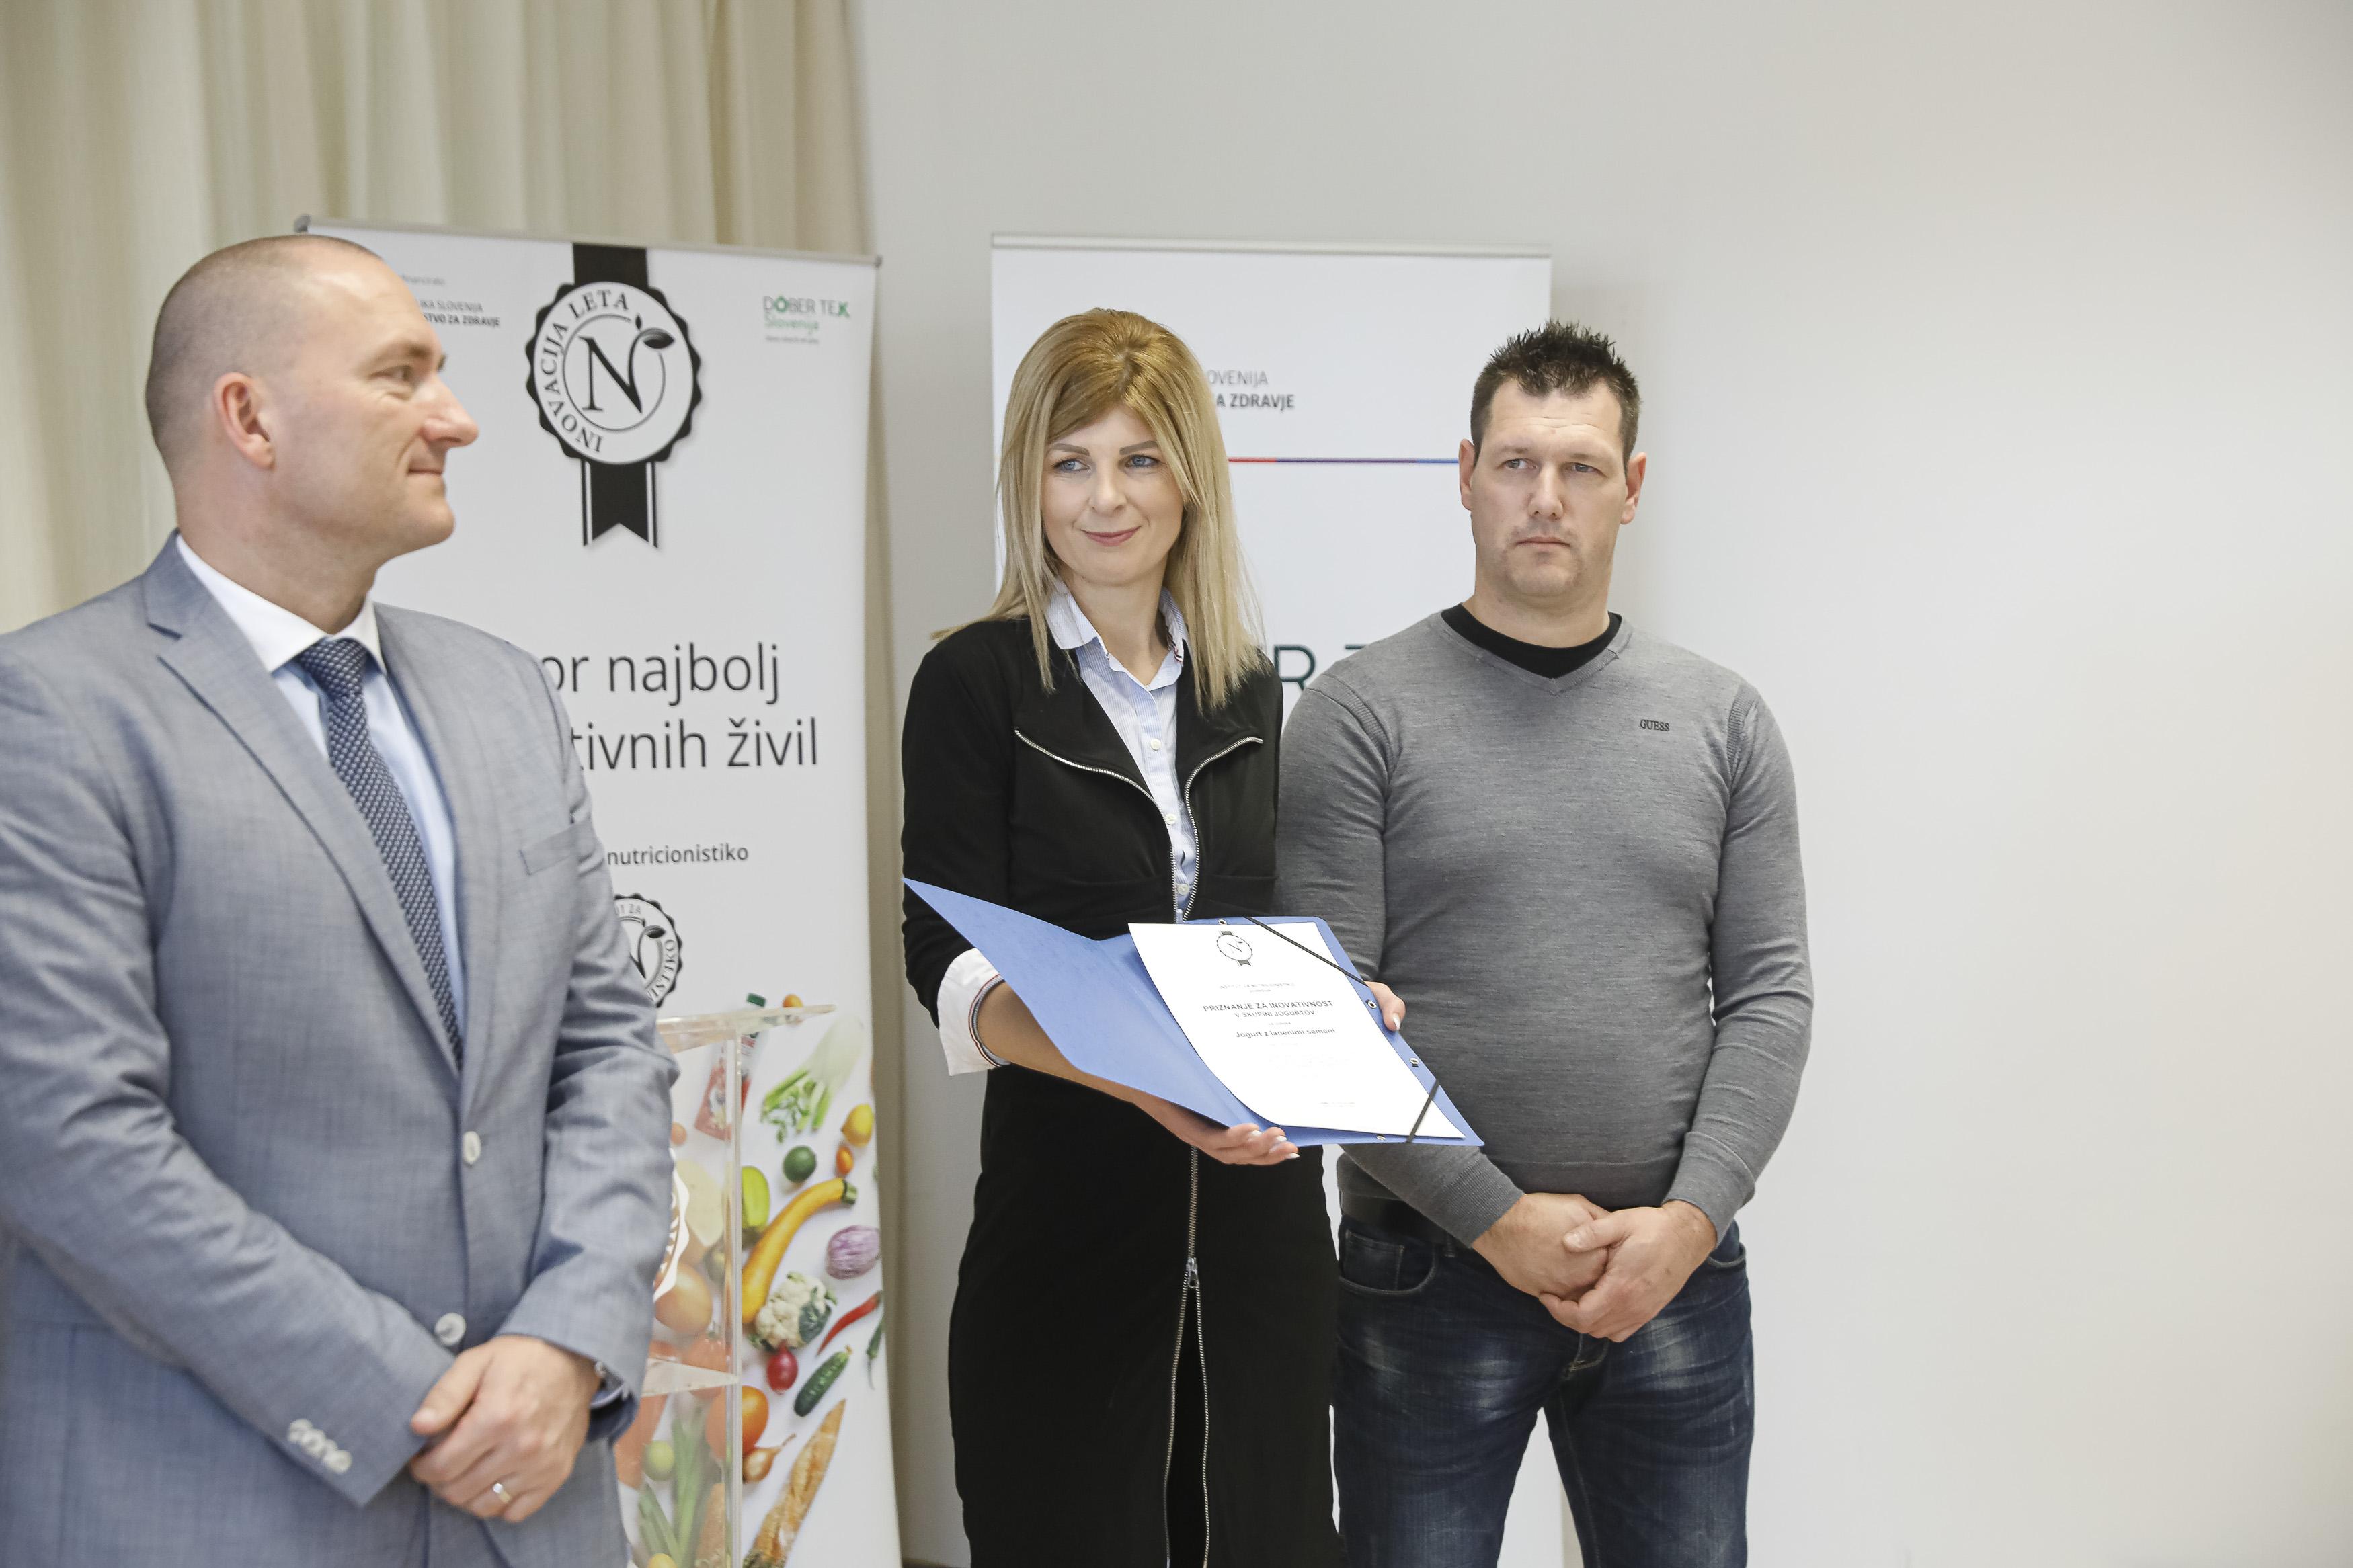 Podelitev priznanja za najbolj inovativno živilo 2020 Kmetija Žgajnar